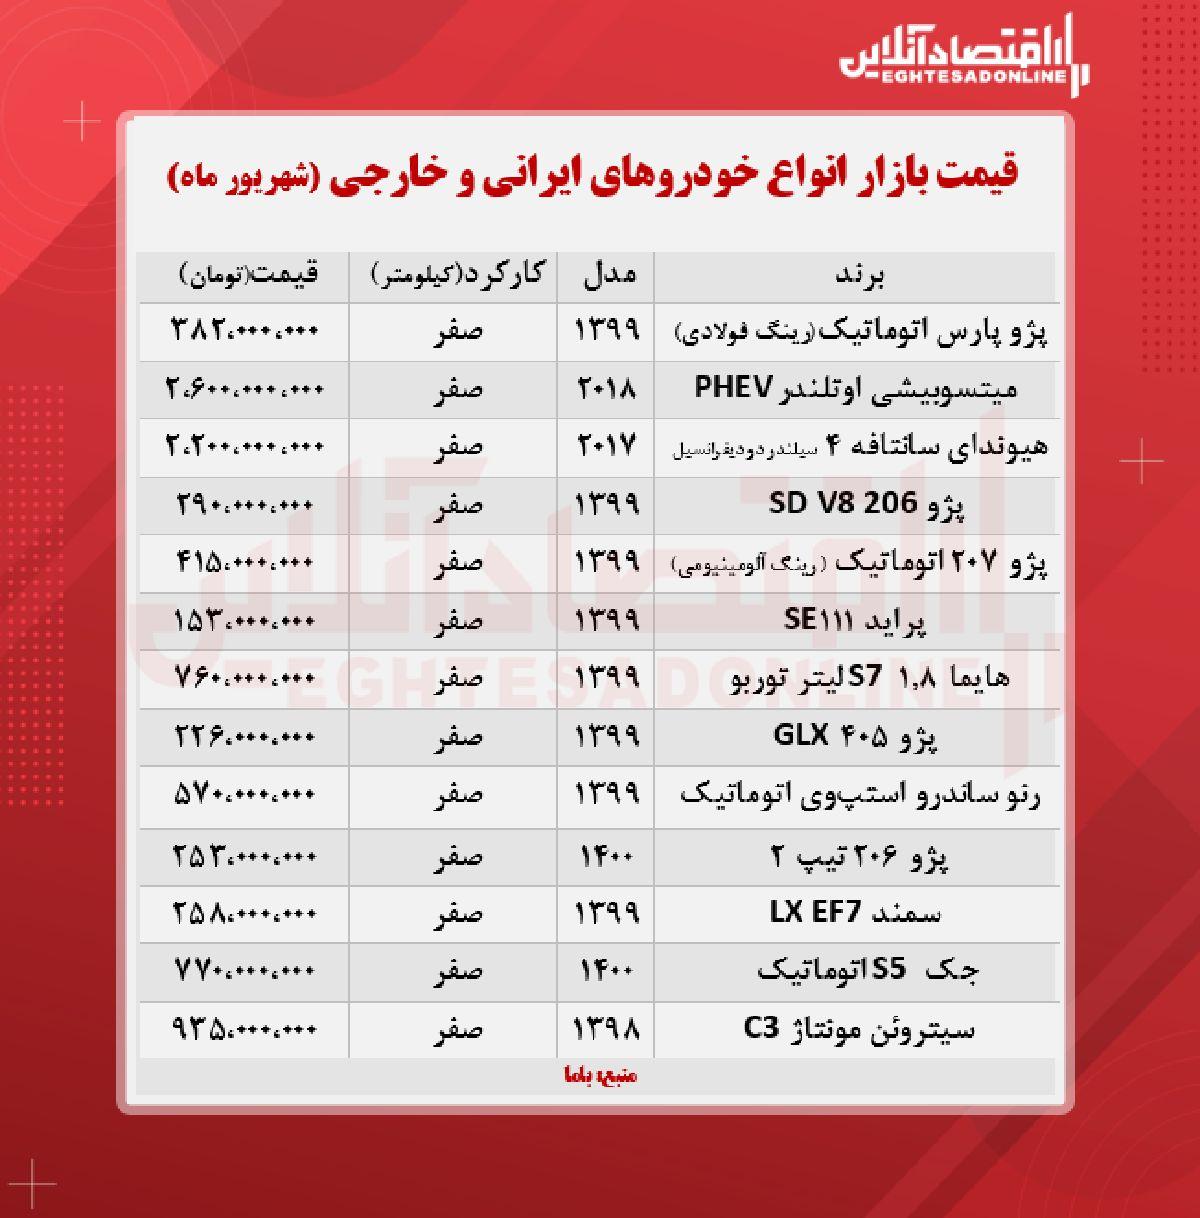 قیمت خودرو امروز ۱۴۰۰/۶/۱۶